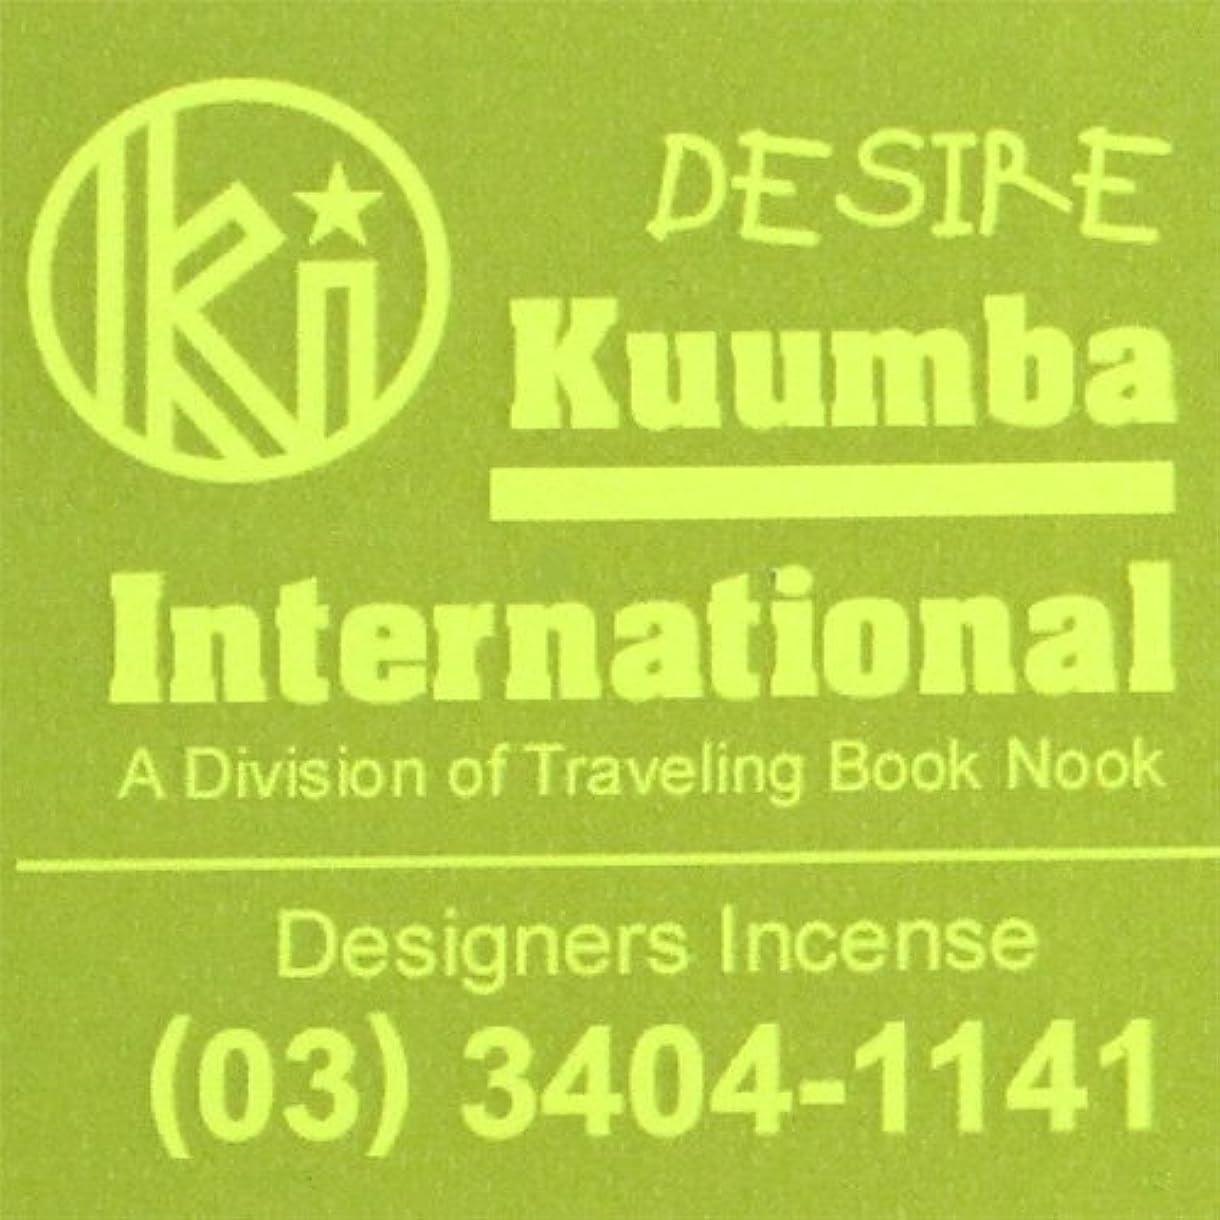 隠す船上内訳(クンバ) KUUMBA『classic regular incense』(DESIRE) (Regular size)